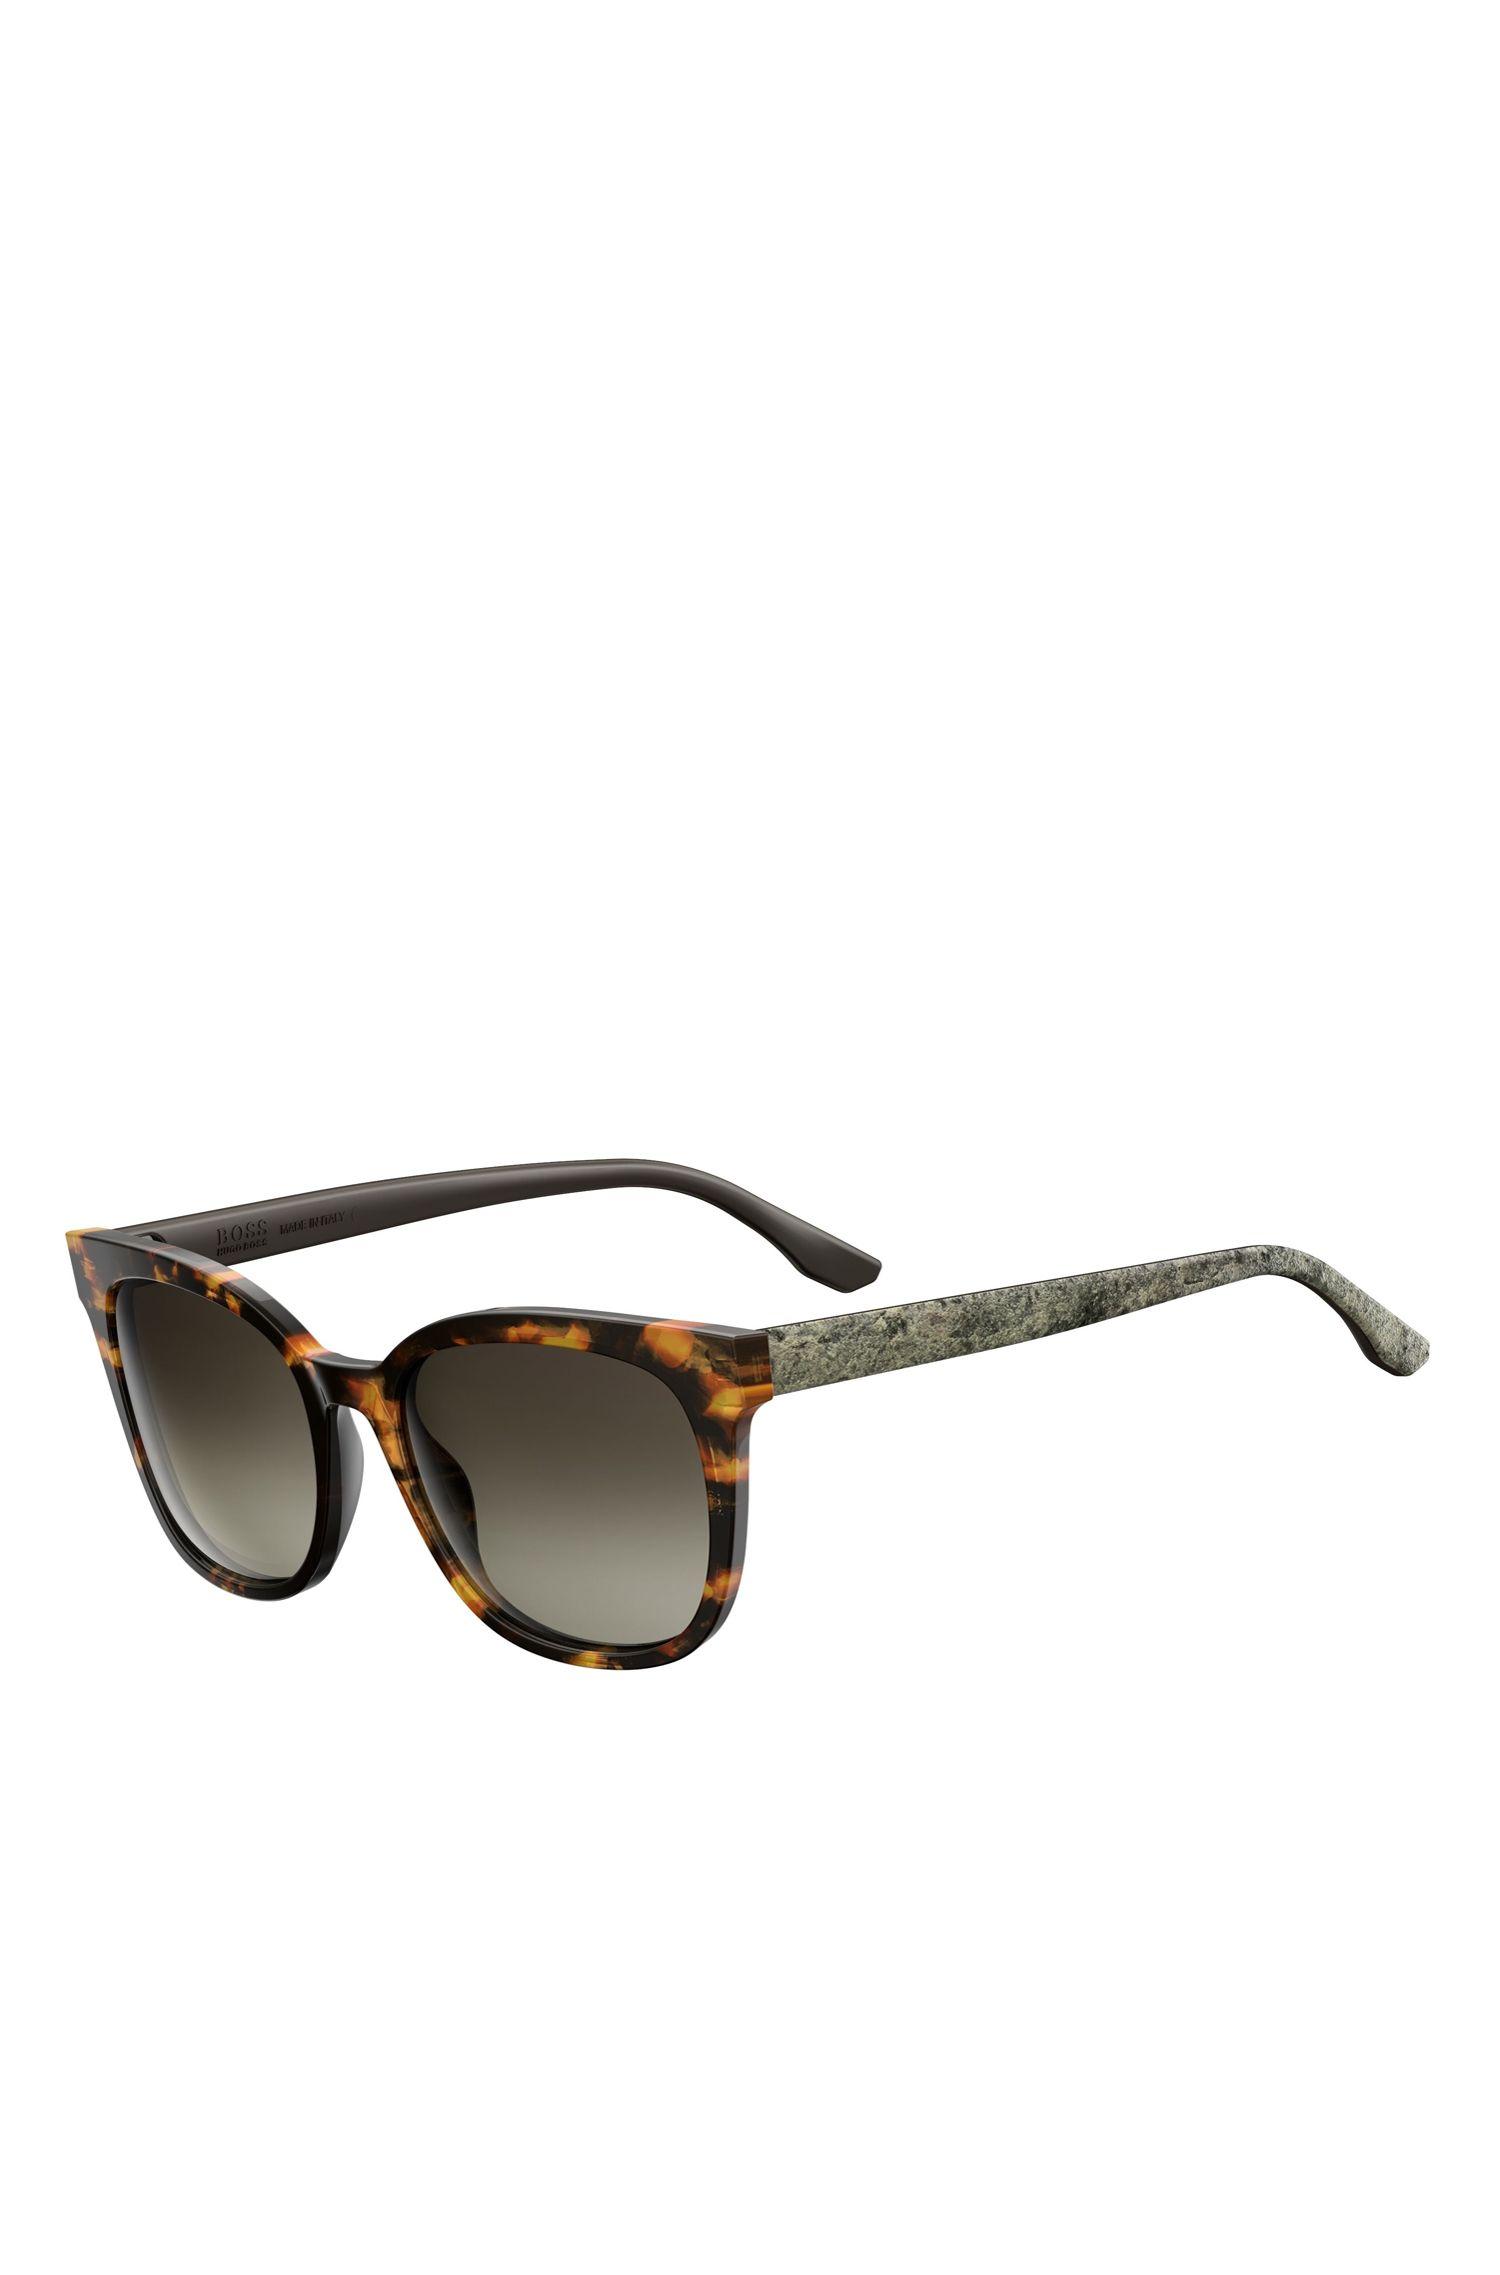 'BOSS 0893S' | Tortoiseshell Acetate Round Sunglasses